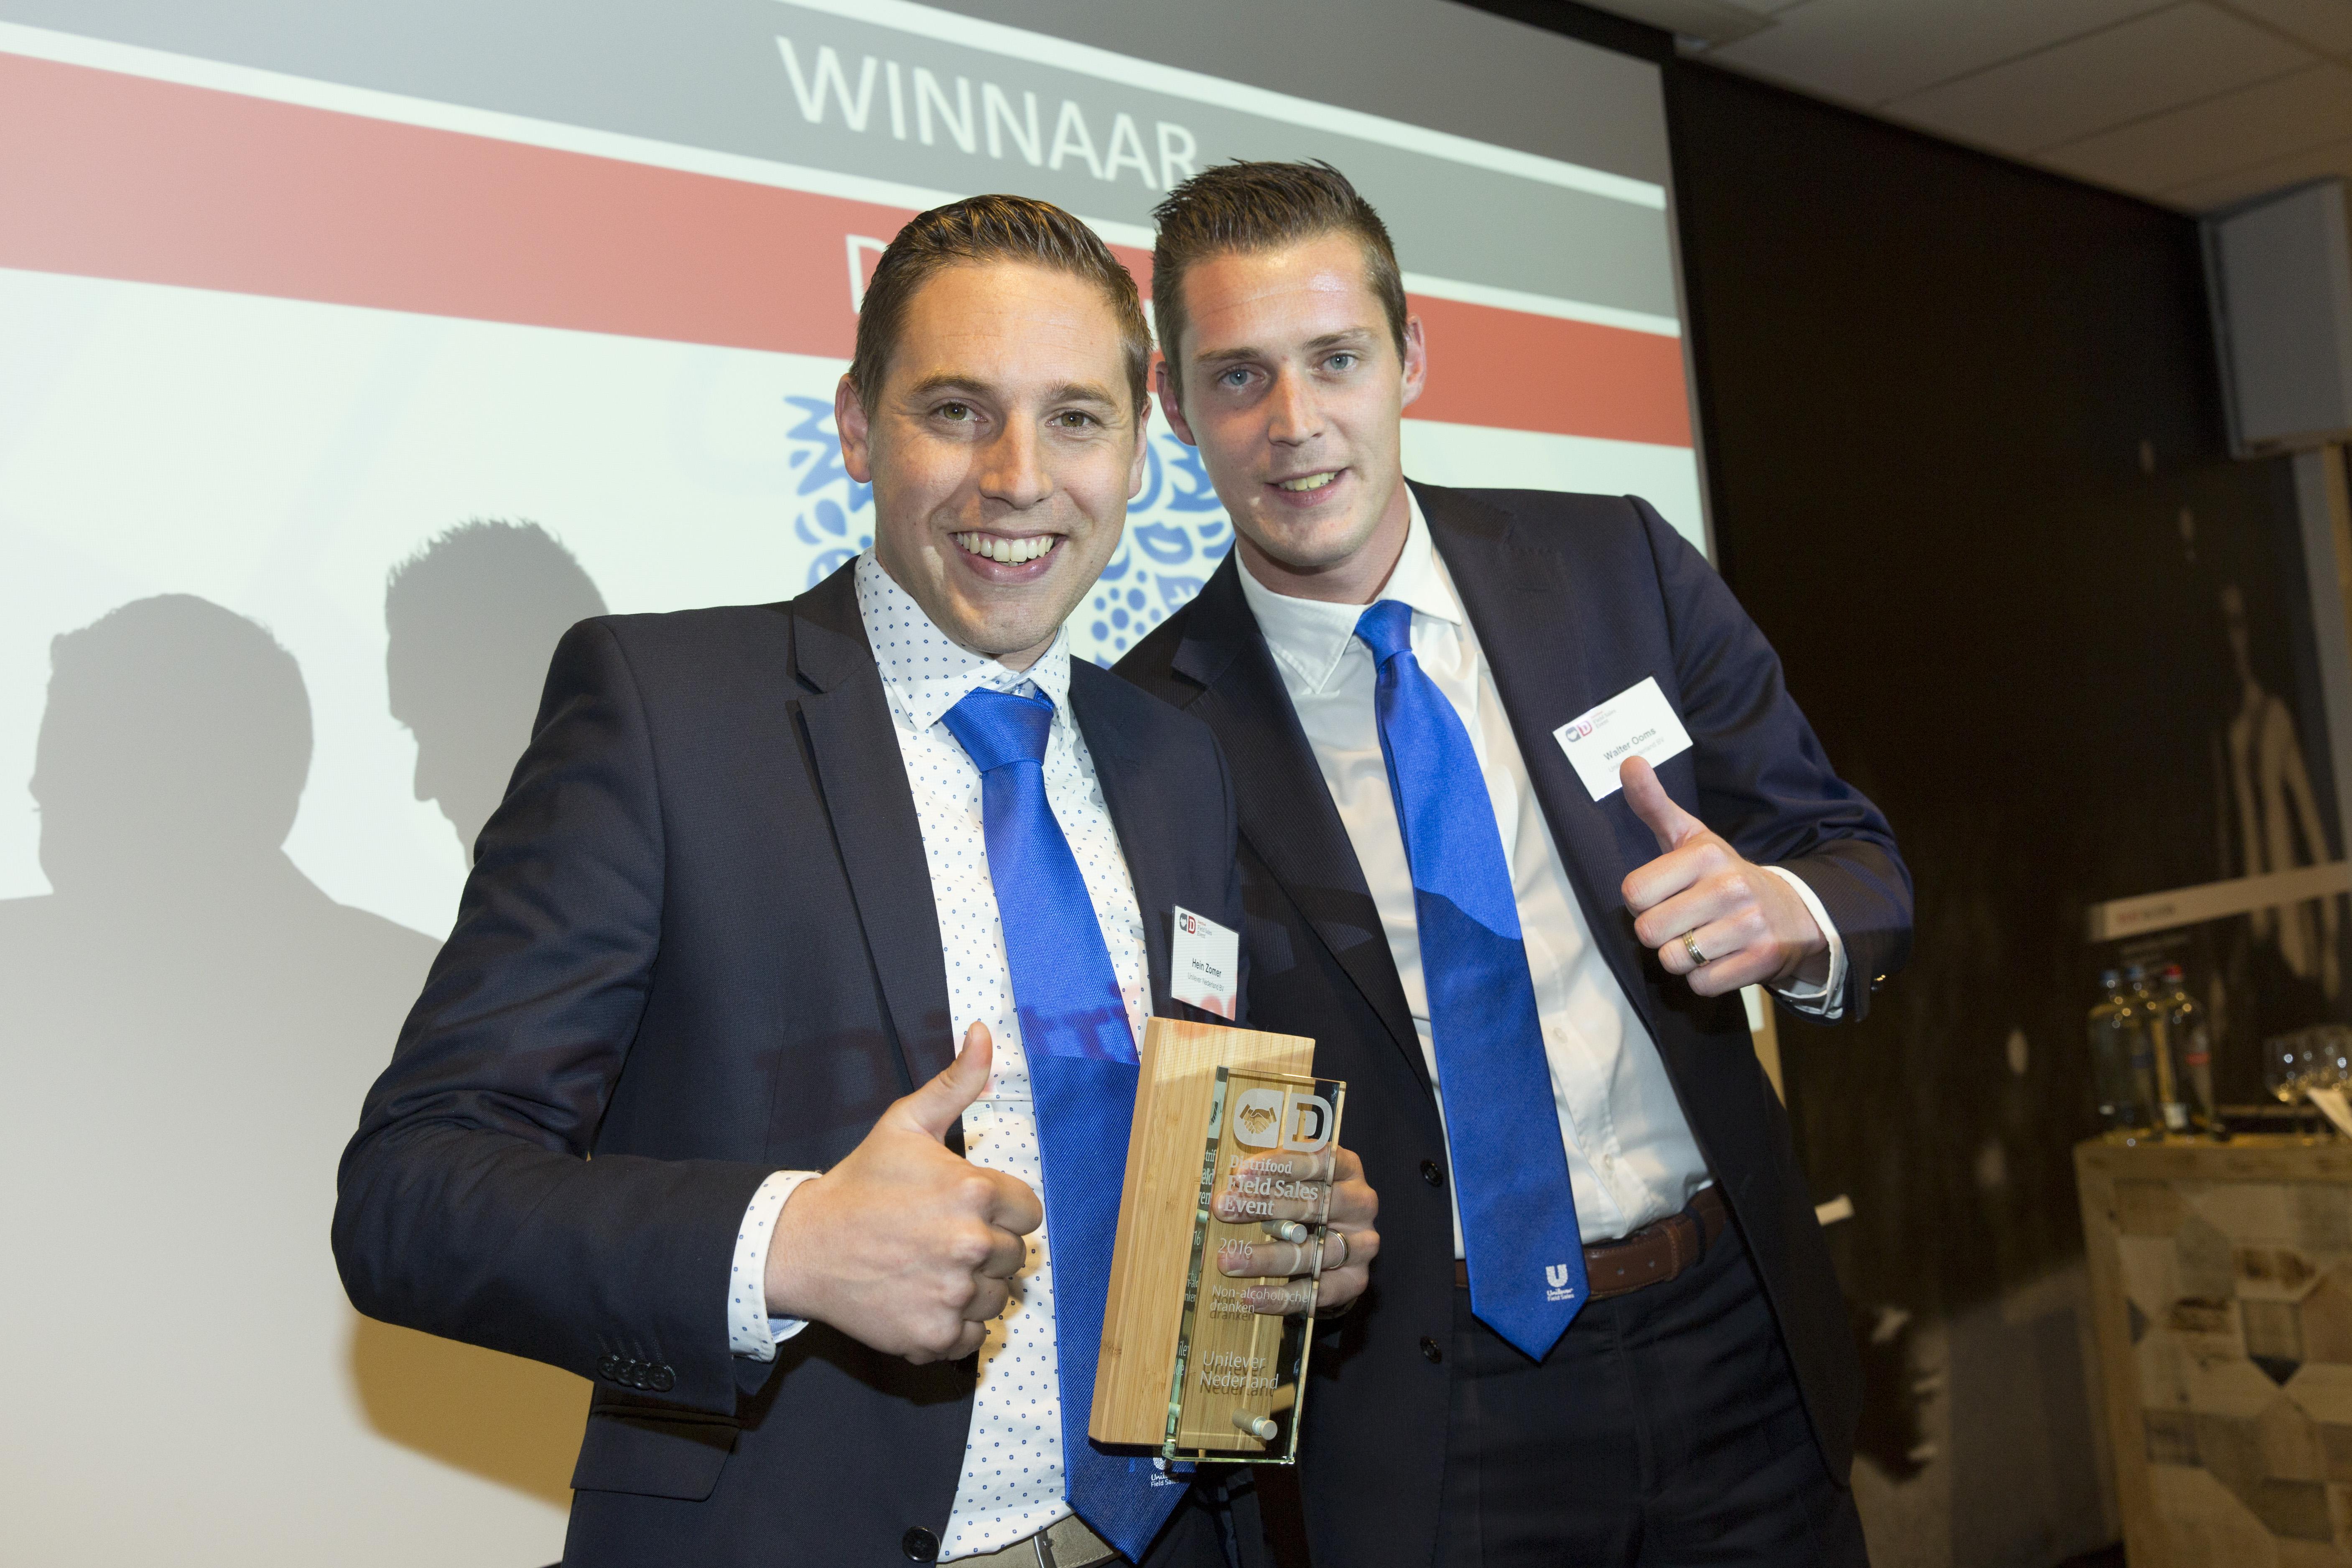 Hein Zomer (l) en Walter Ooms, beide senior rayonmanager bij Unilever Nederland. Hier op het podium met de eerste prijs voor Beste Buitendienst in de categorie dranken.